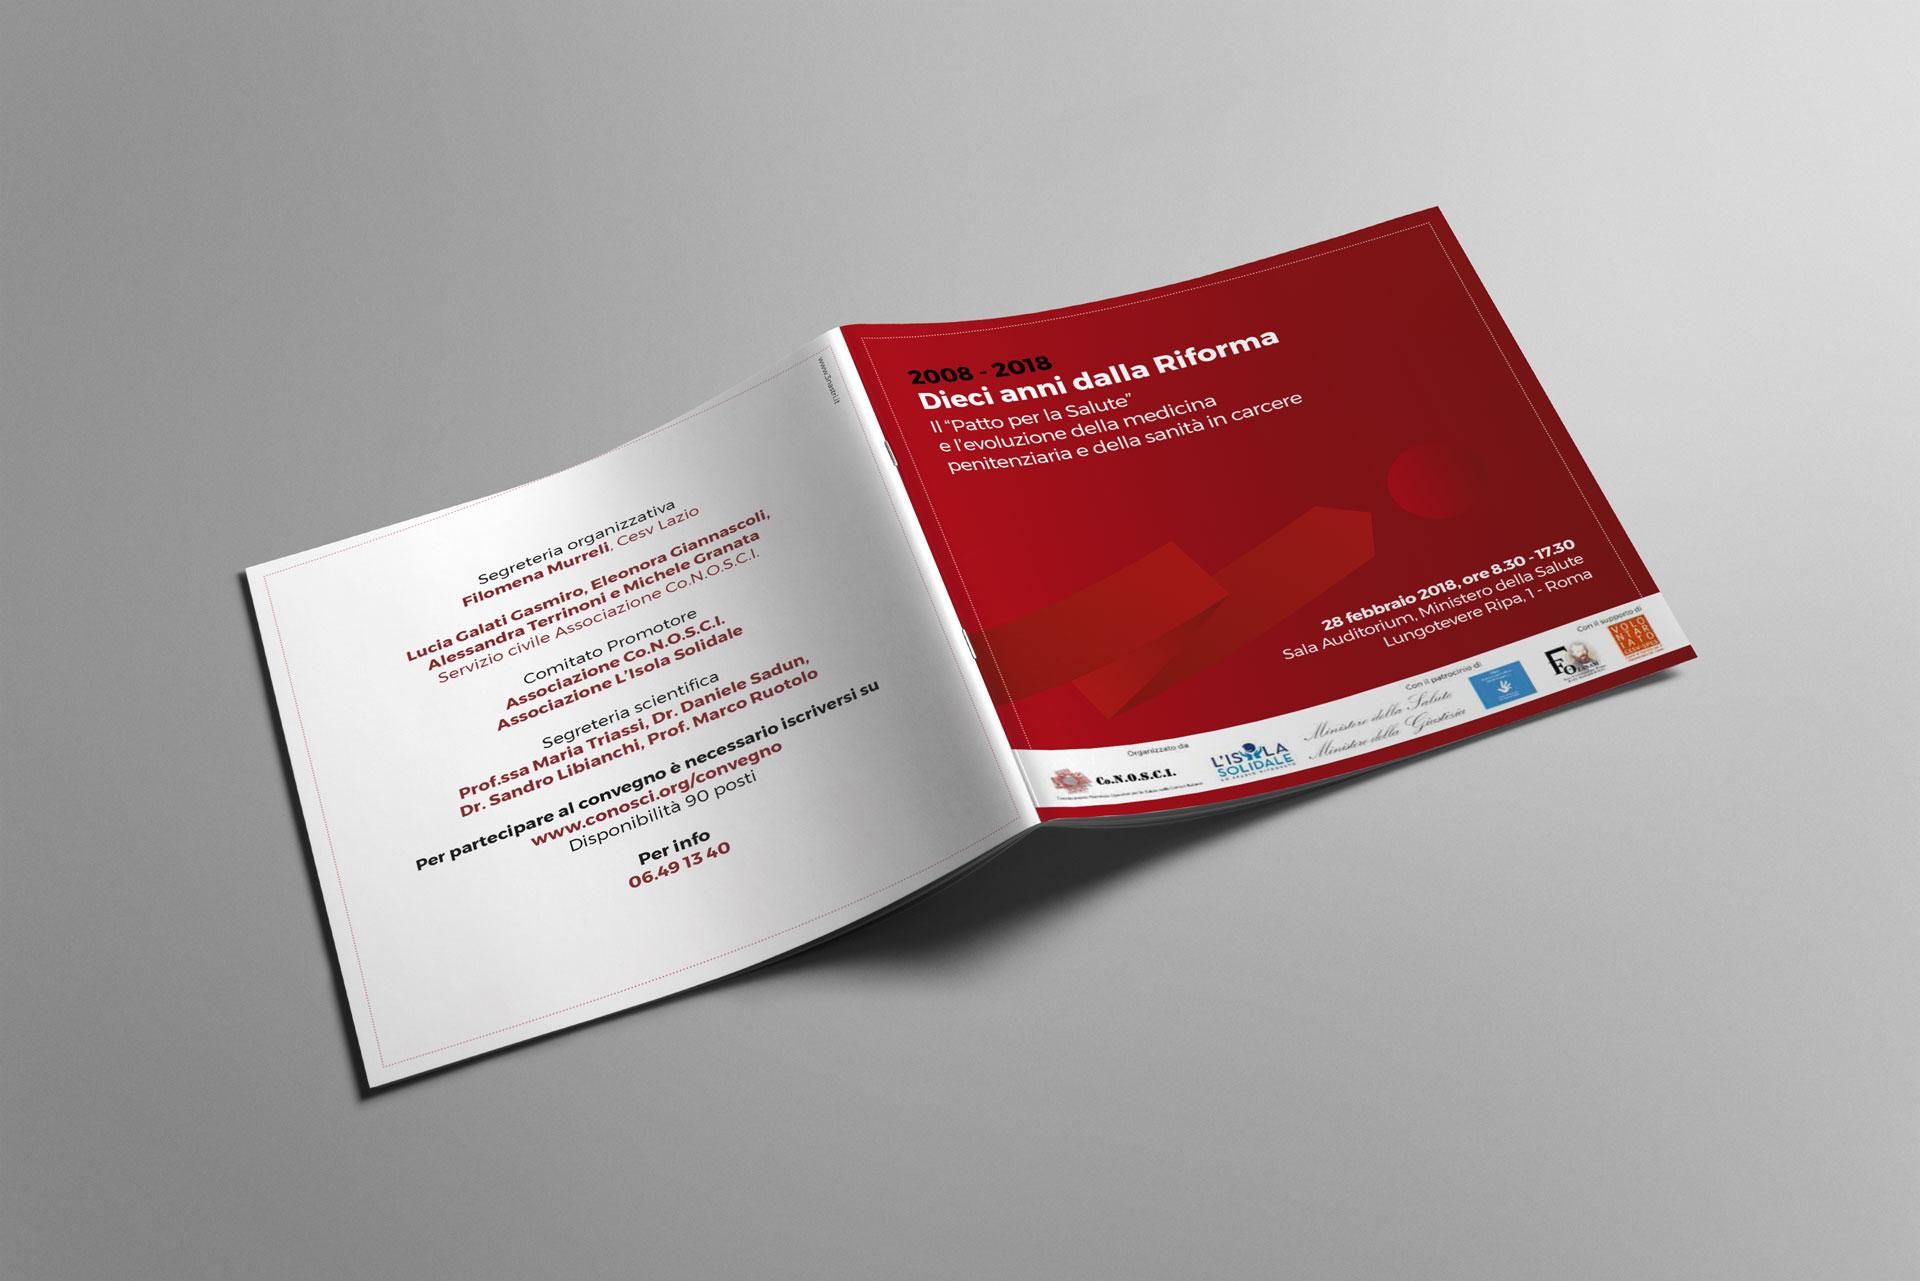 brochure-istituzionale-brcohure-medicina-conosci-sandro-libianchi